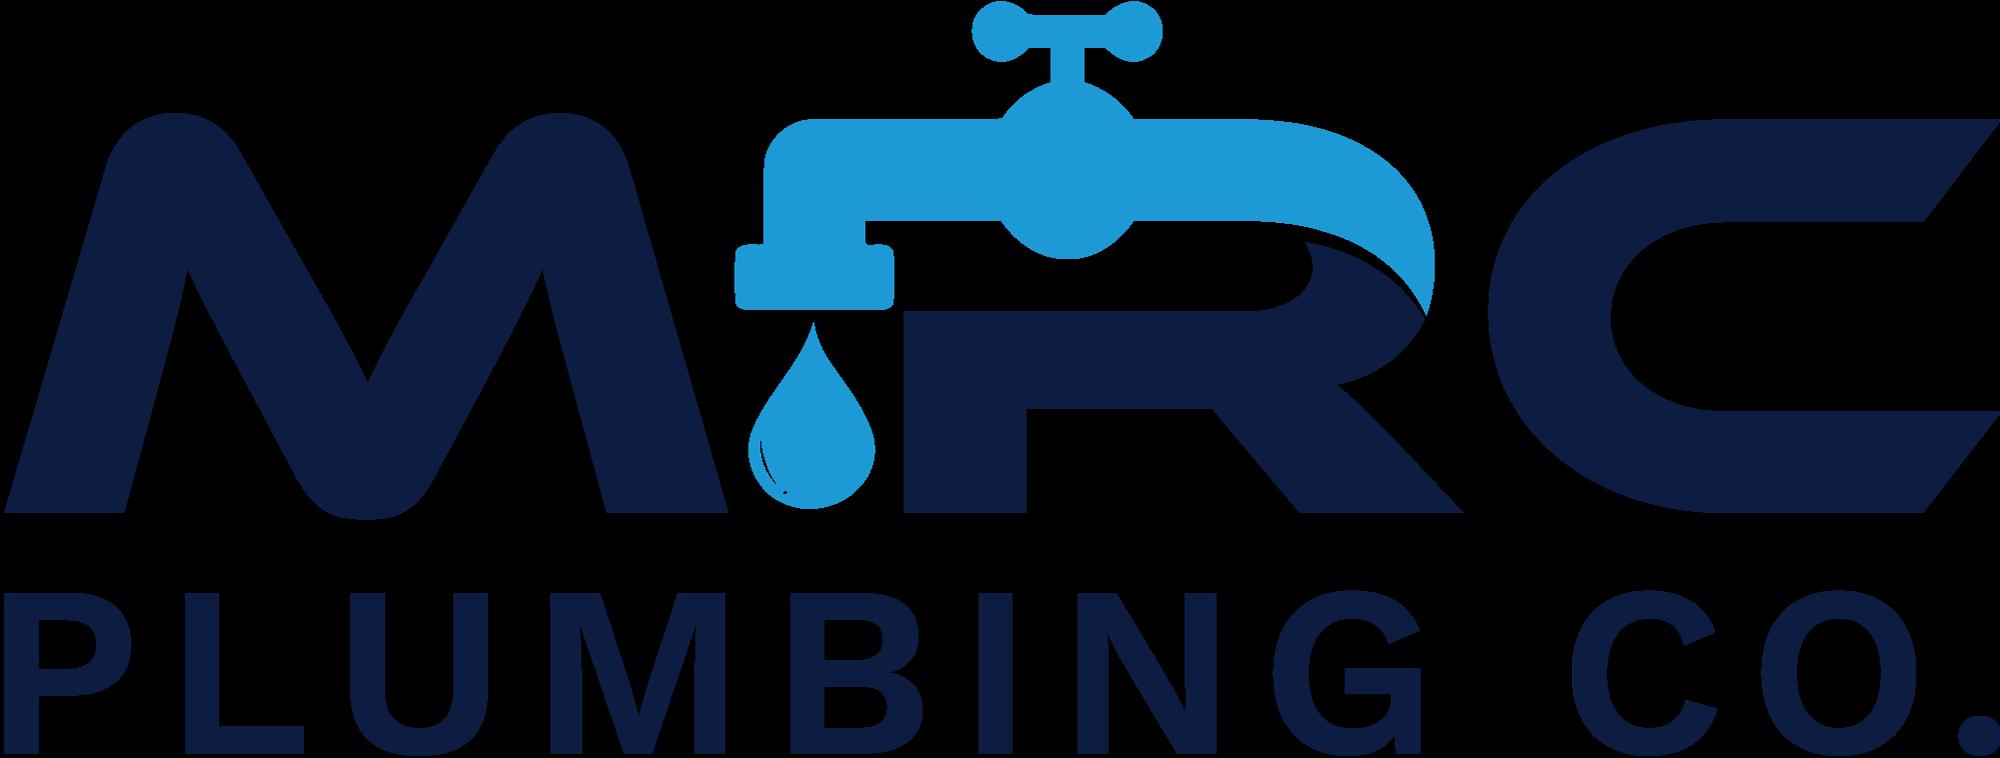 Contact MRC Plumbing Co. for all Emergency Plumbing Needs